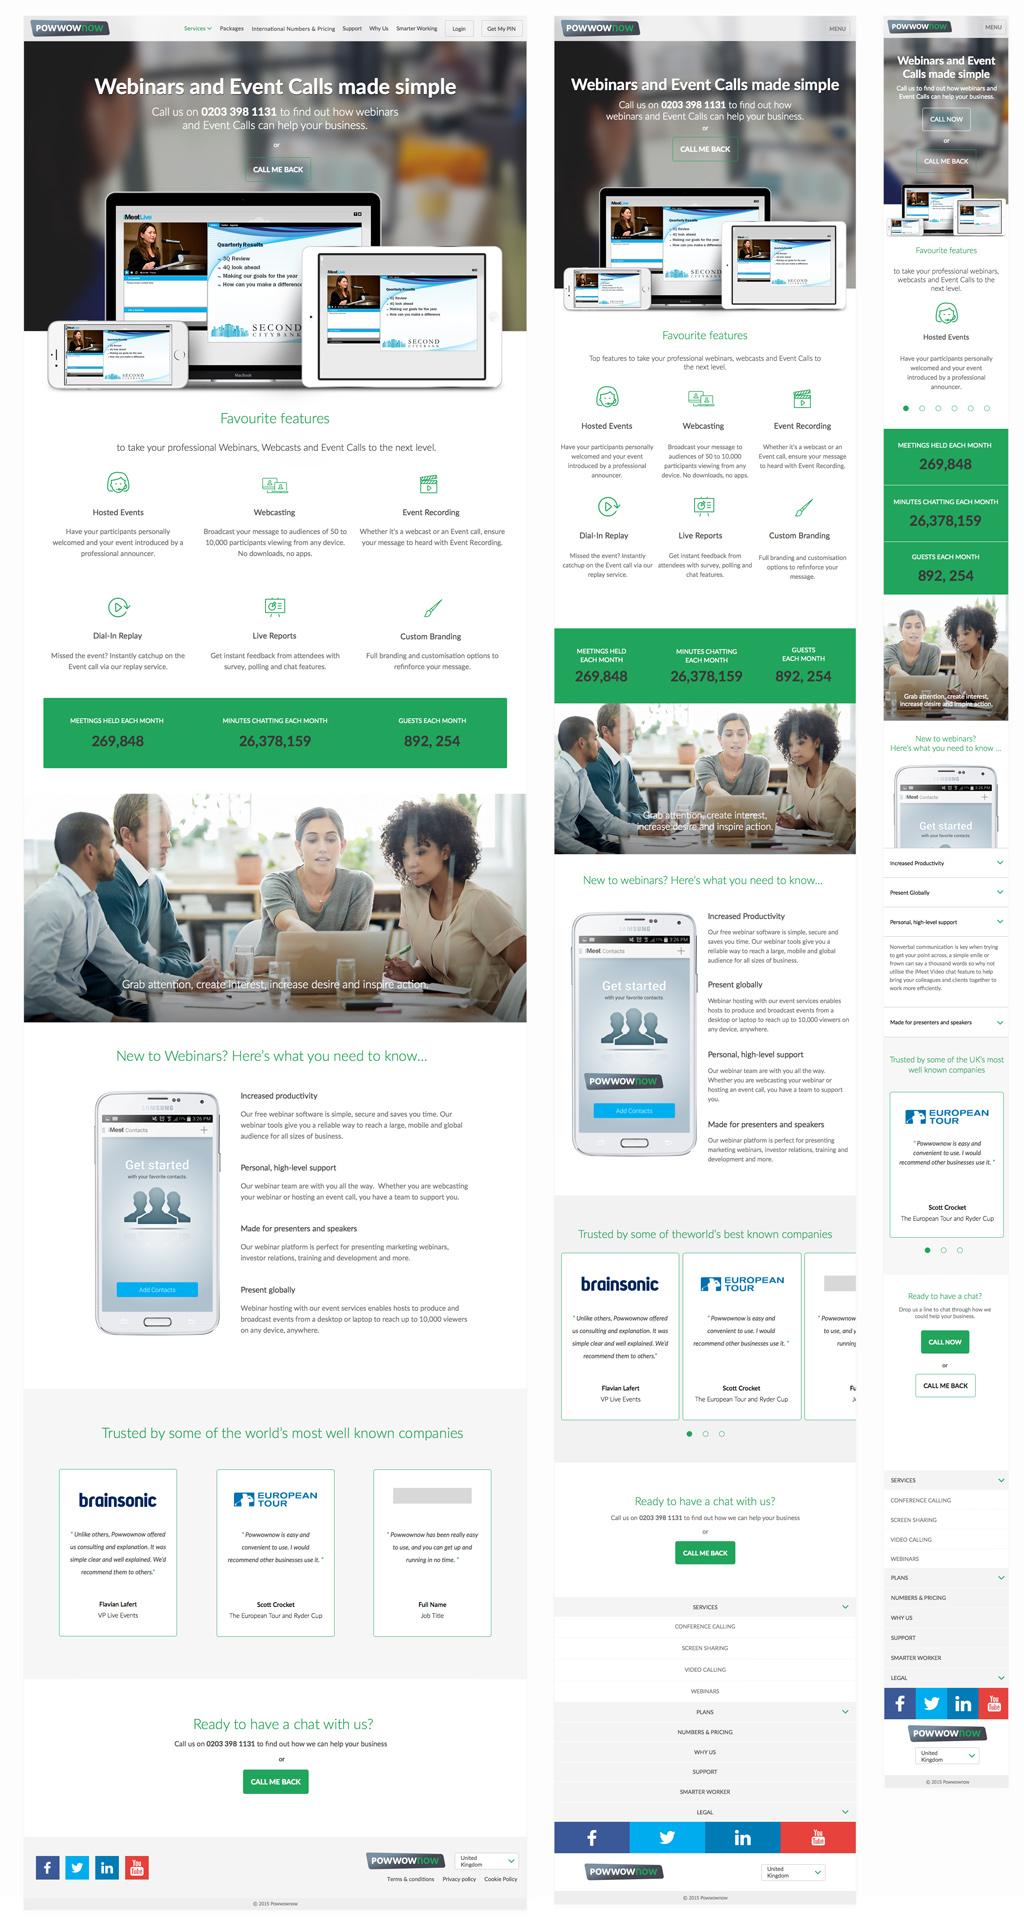 Responsive Web Design Desktop Tablet Mobile Webinars Page